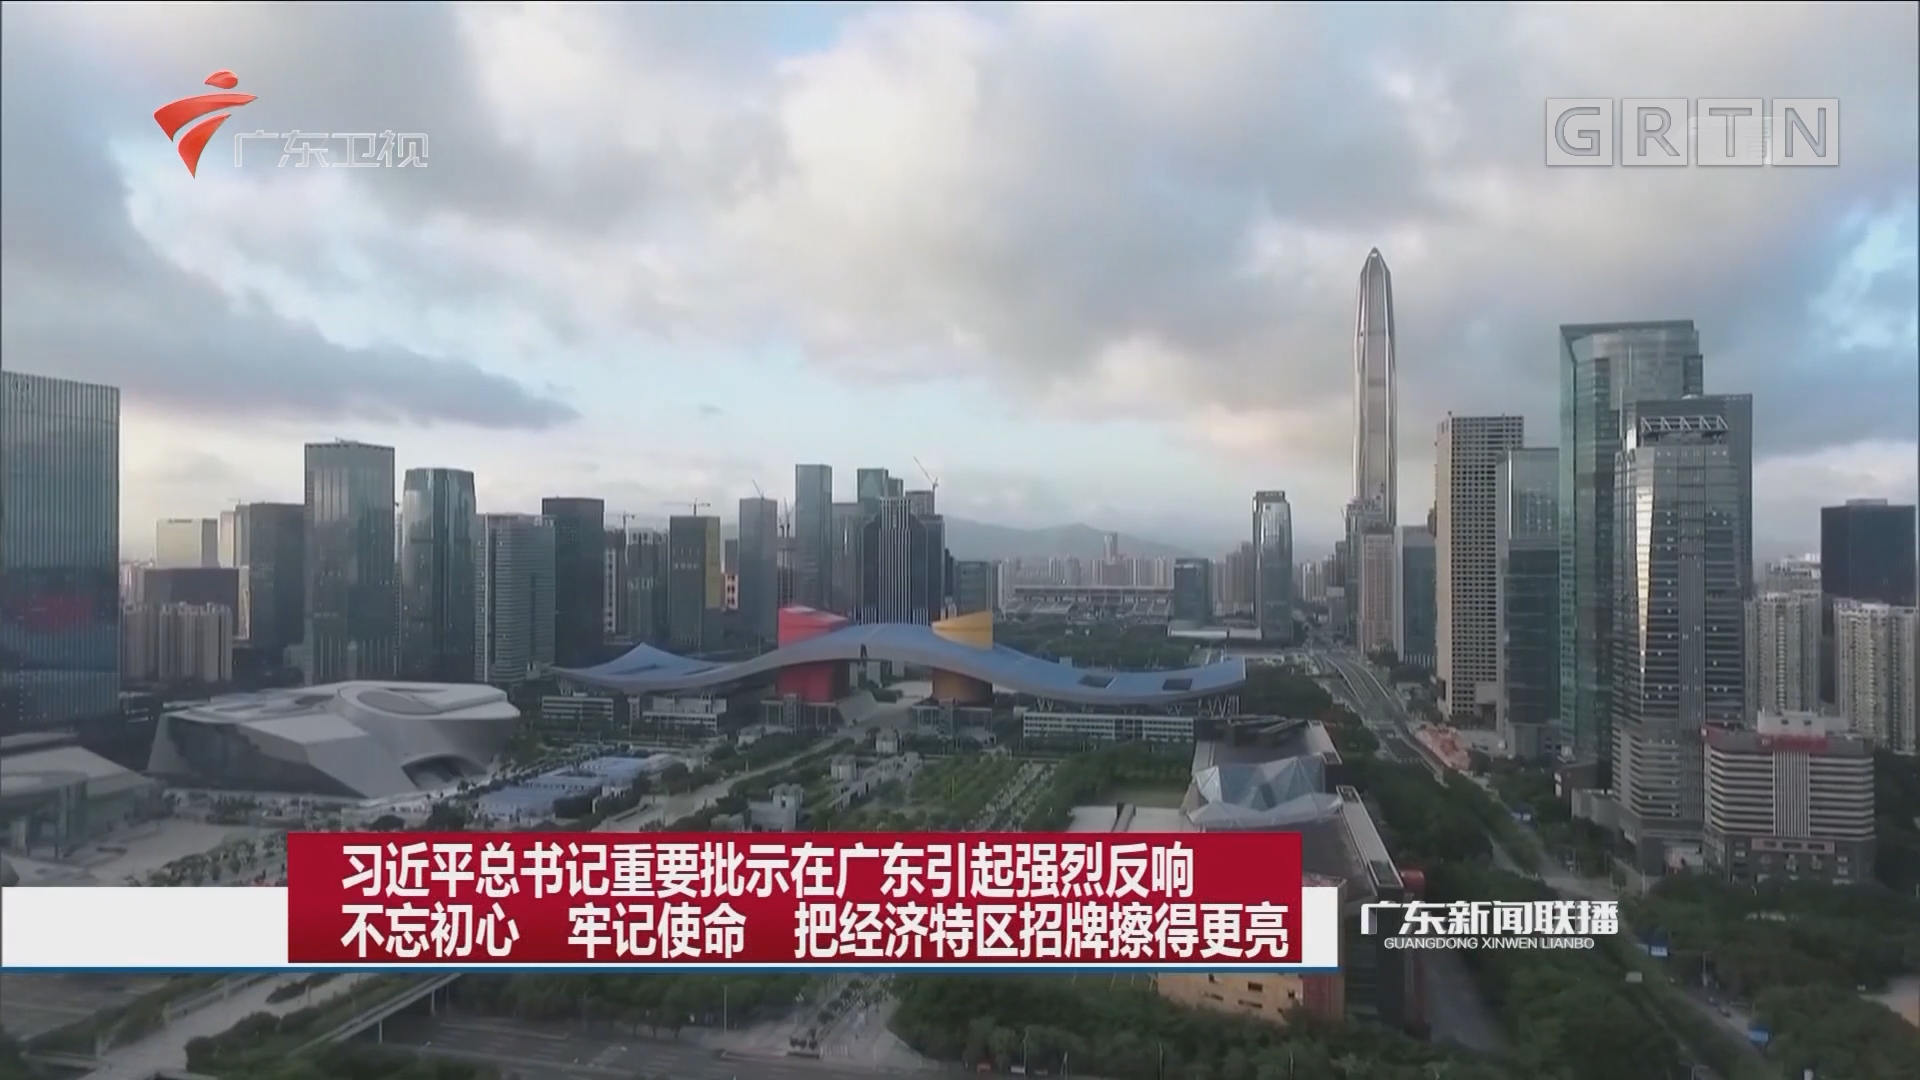 习近平总书记重要批示在广东引起强烈反响 不忘初心 牢记使命 把经济特区招牌擦得更亮